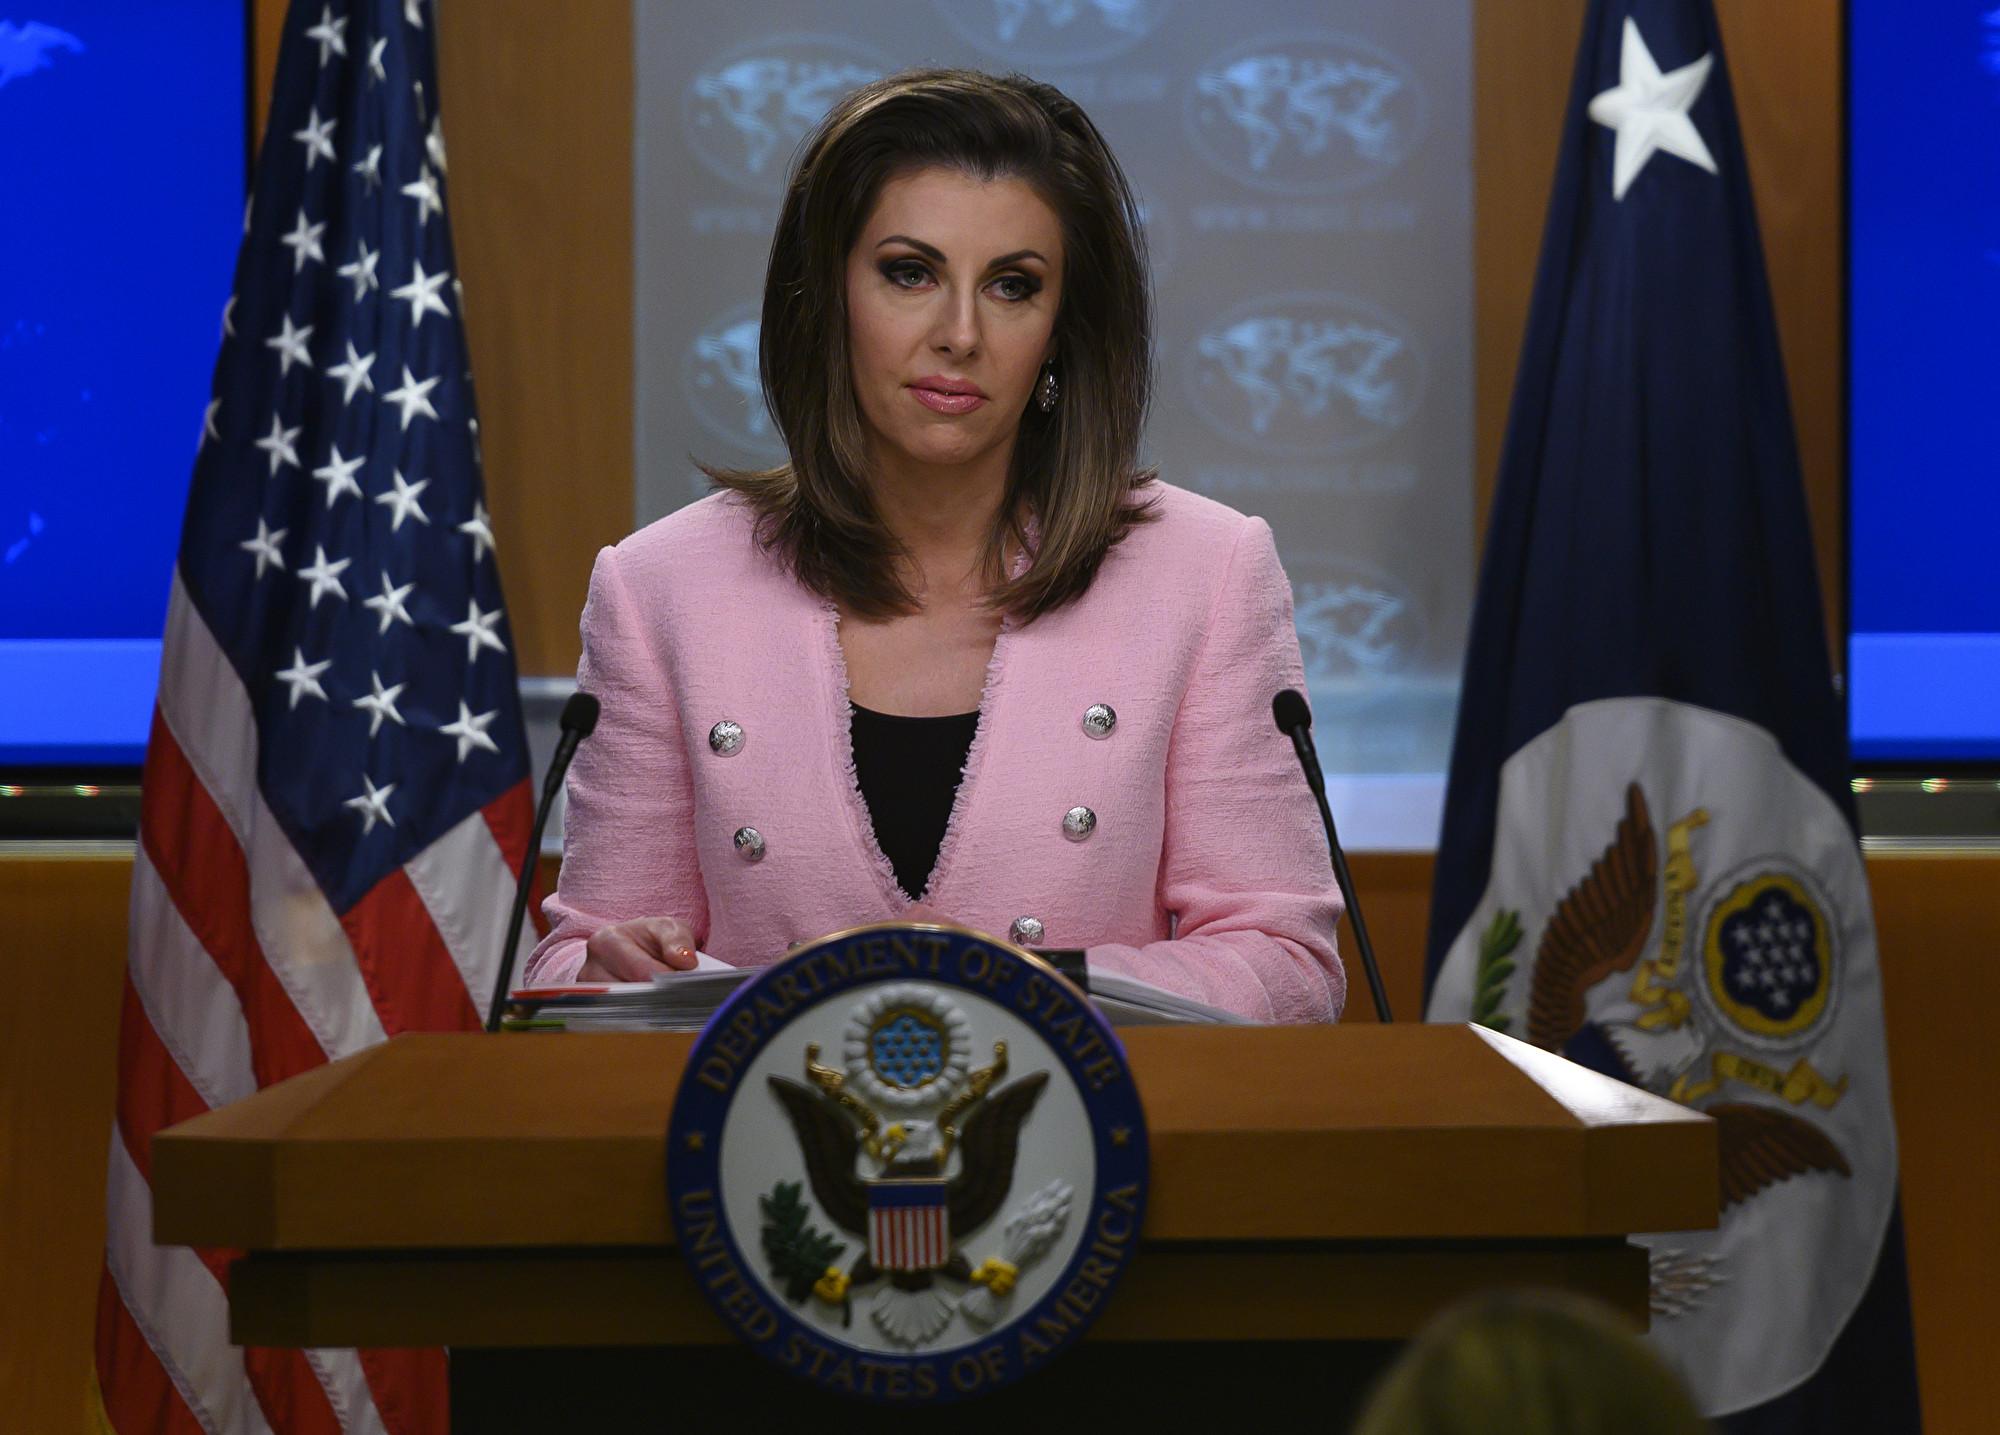 美國務院譴責中共是「流氓政權」